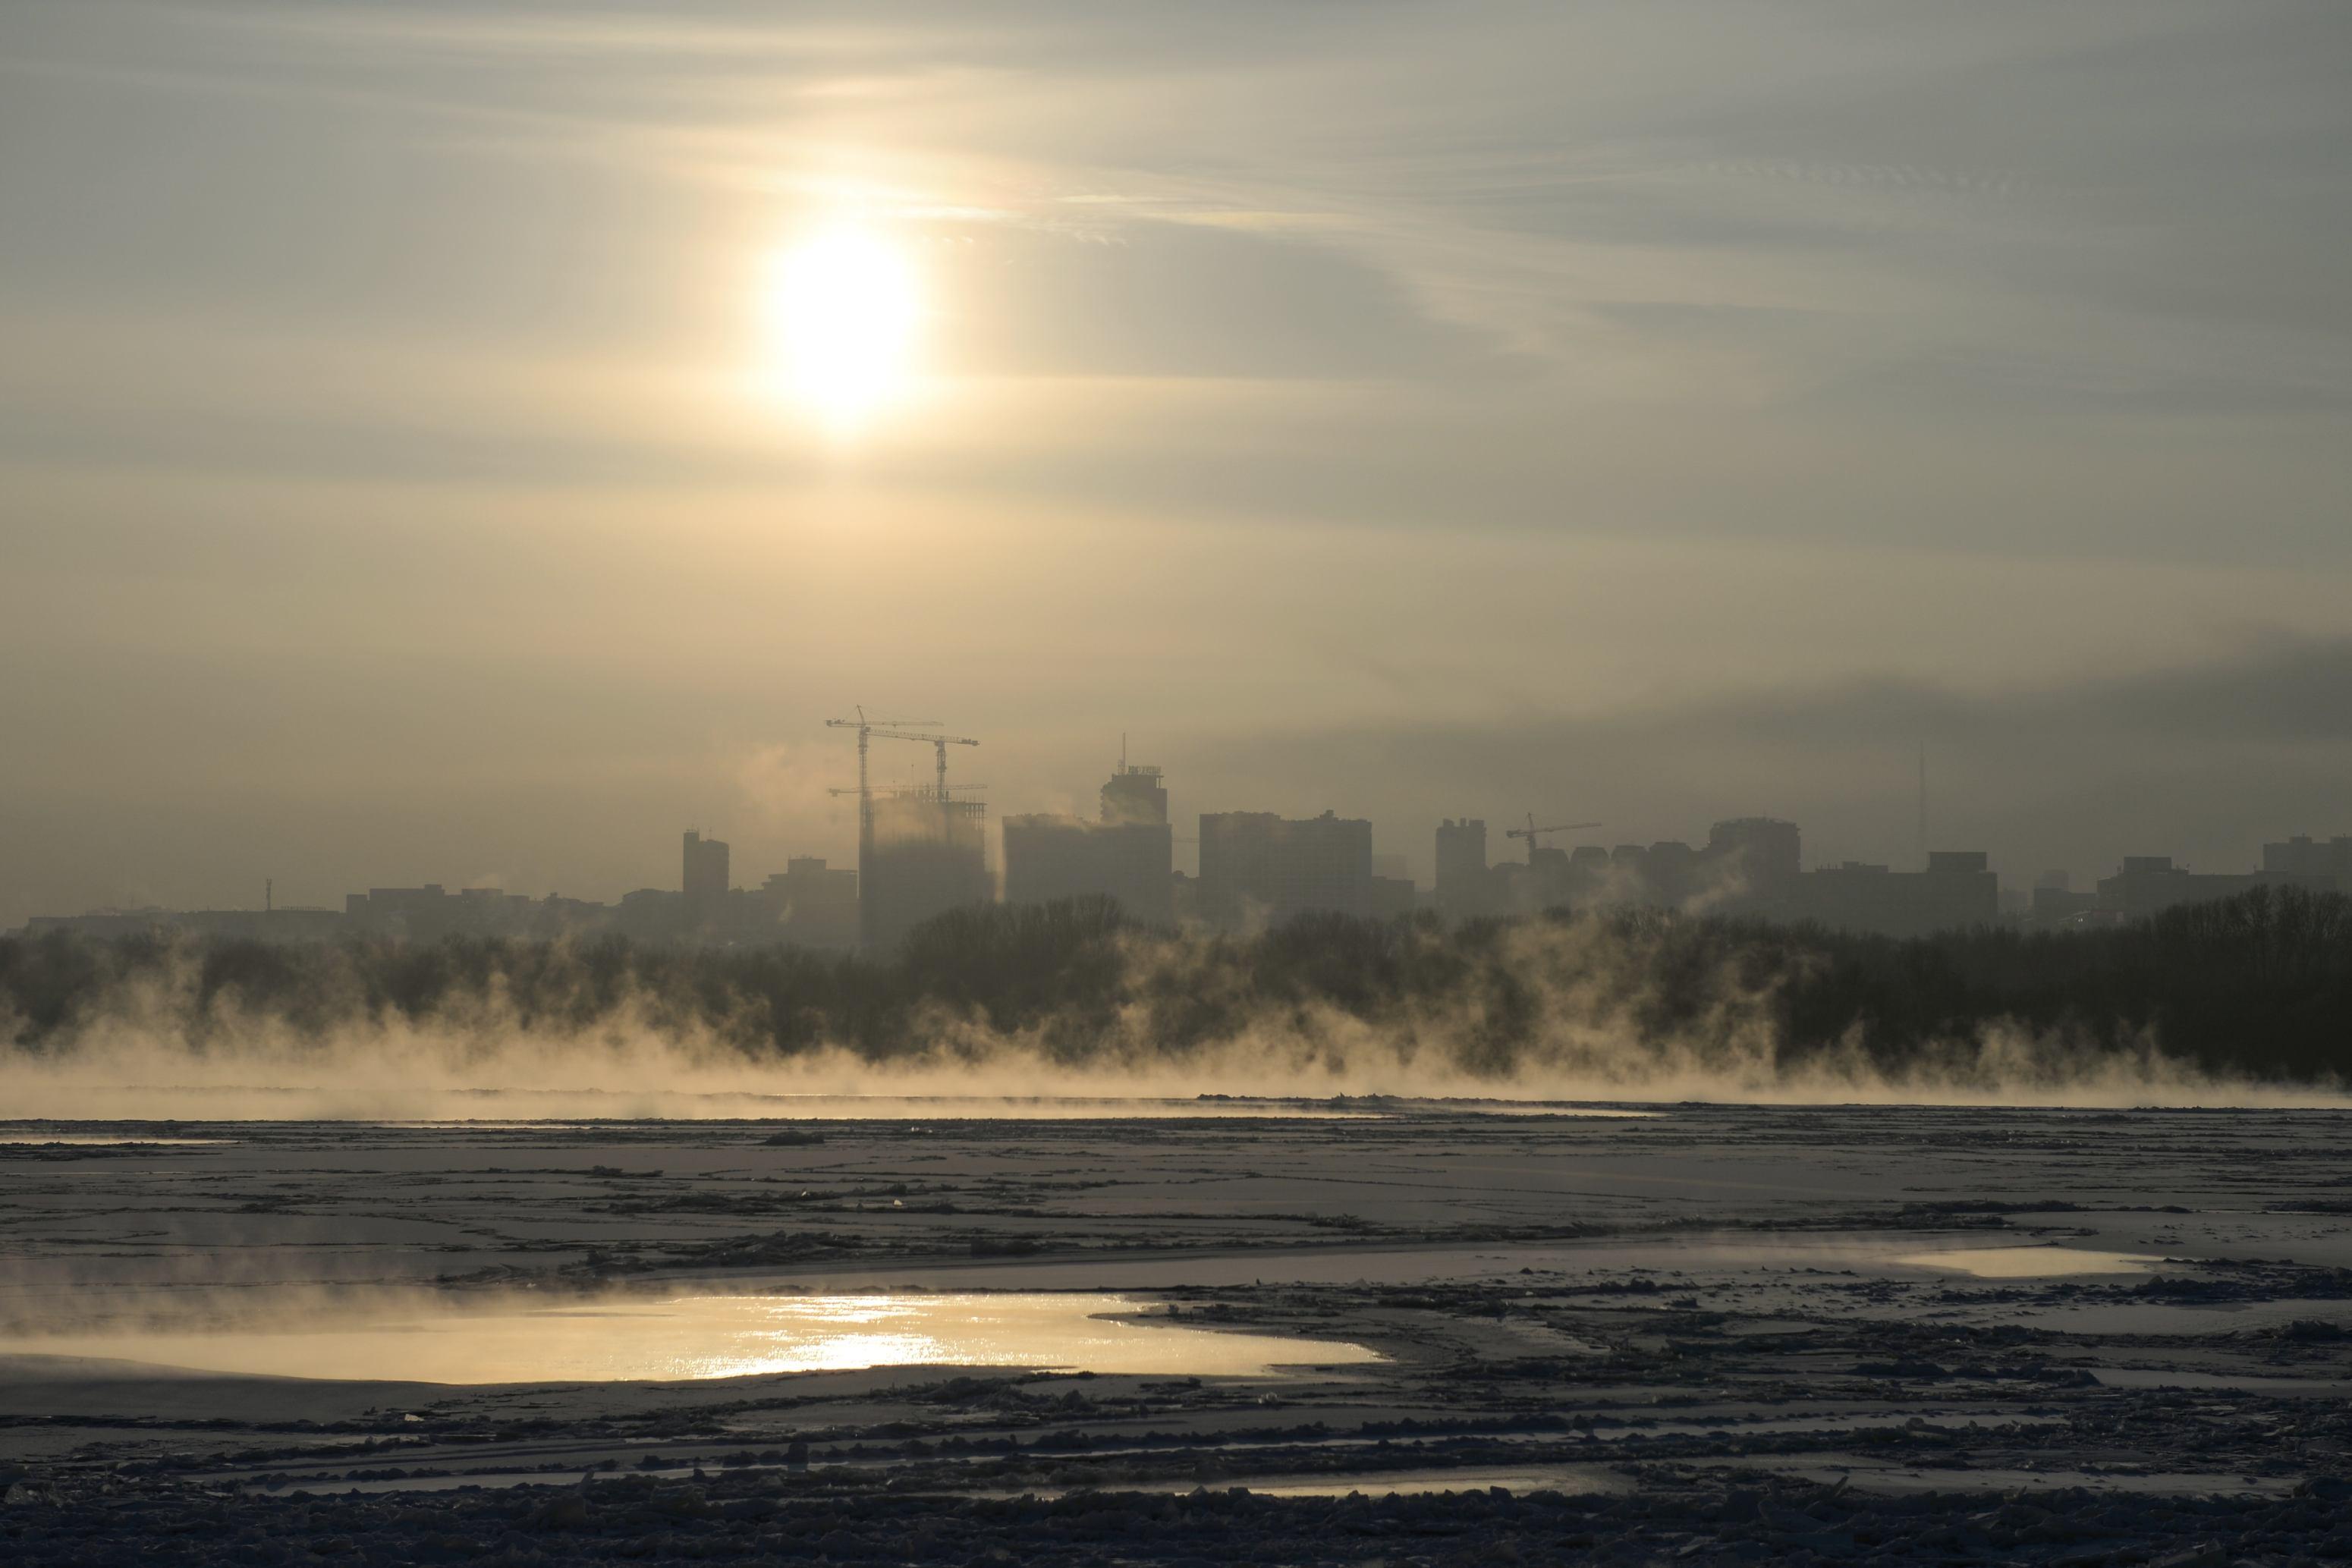 Cod Galben de vreme geroasă în toată țara, până luni, 9 ianuarie. Mercurul din termometre va coborî până la -25 de grade